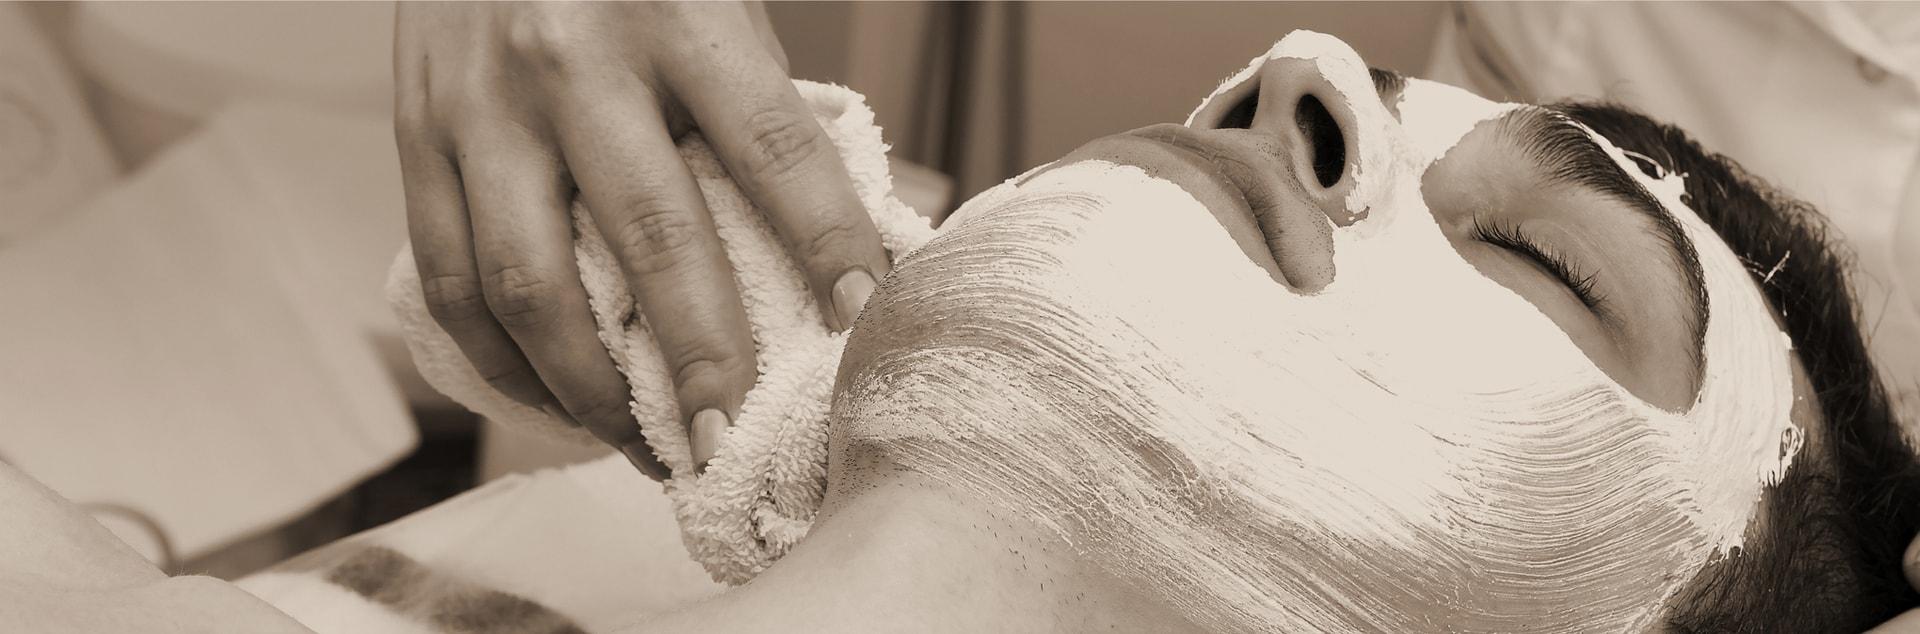 Applicazione esfoliante durante trattamento di peeling